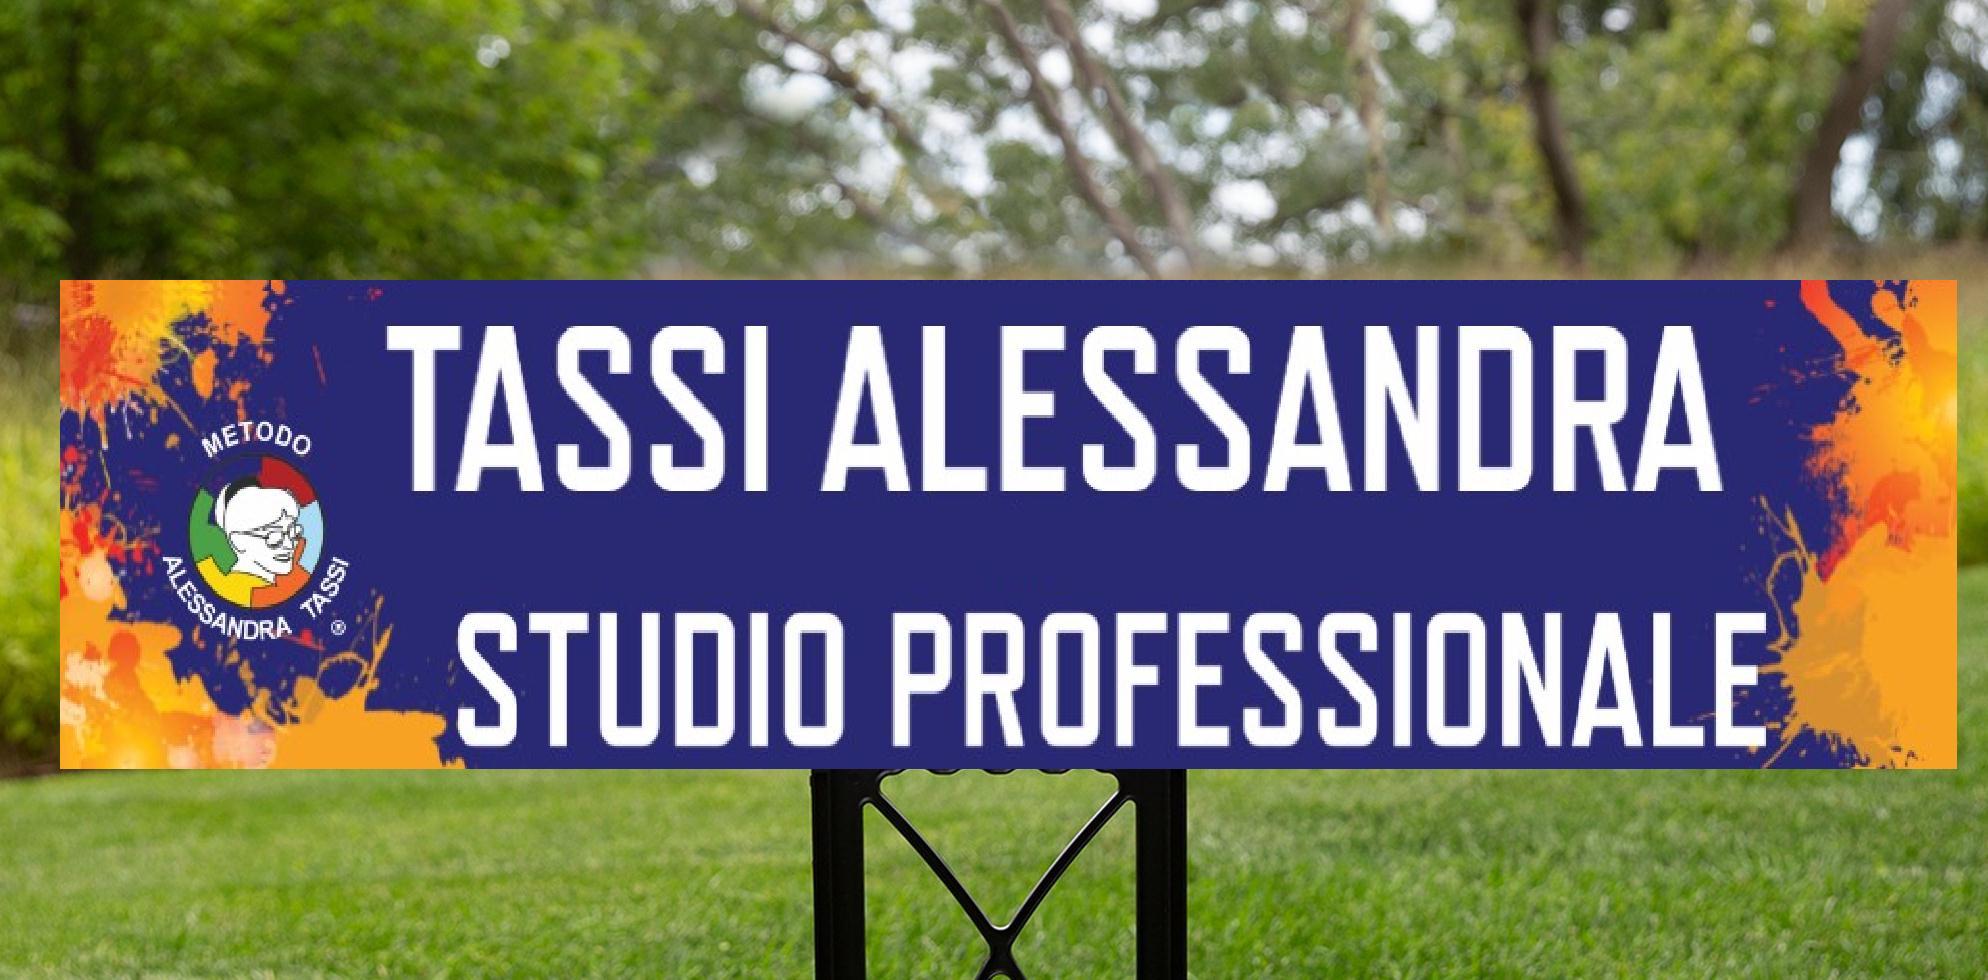 STUDIO PROFESSIONALE METODO ALESSANDRA TASSI